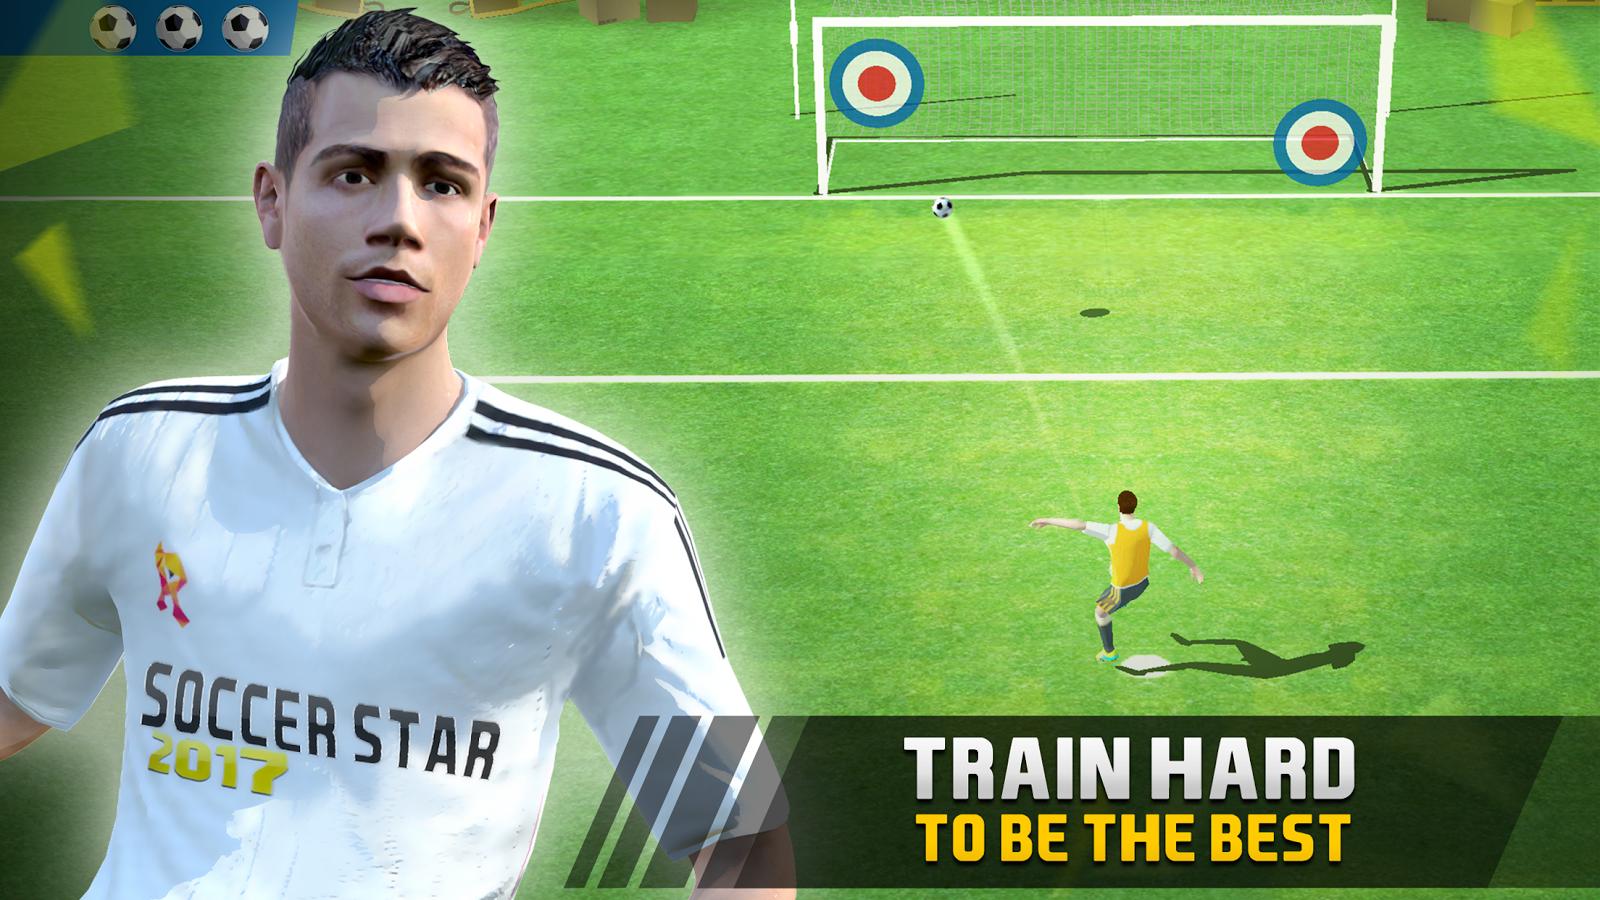 Soccer star 4